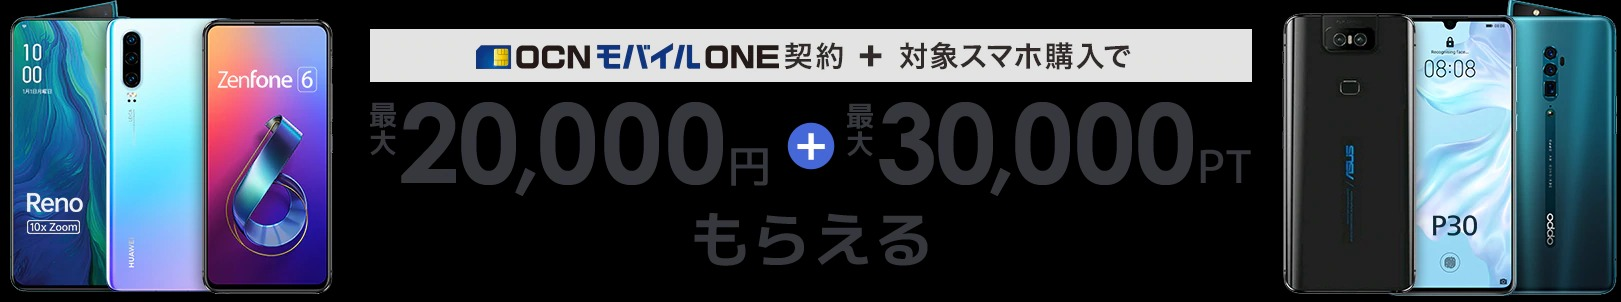 【LINE Pay10%OFF】ひかりTVショッピングでP30、ROG Phone、ZenFone 6などが2万円キャッシュバック+30000ポイントバックでセール中。~9/30 12時。